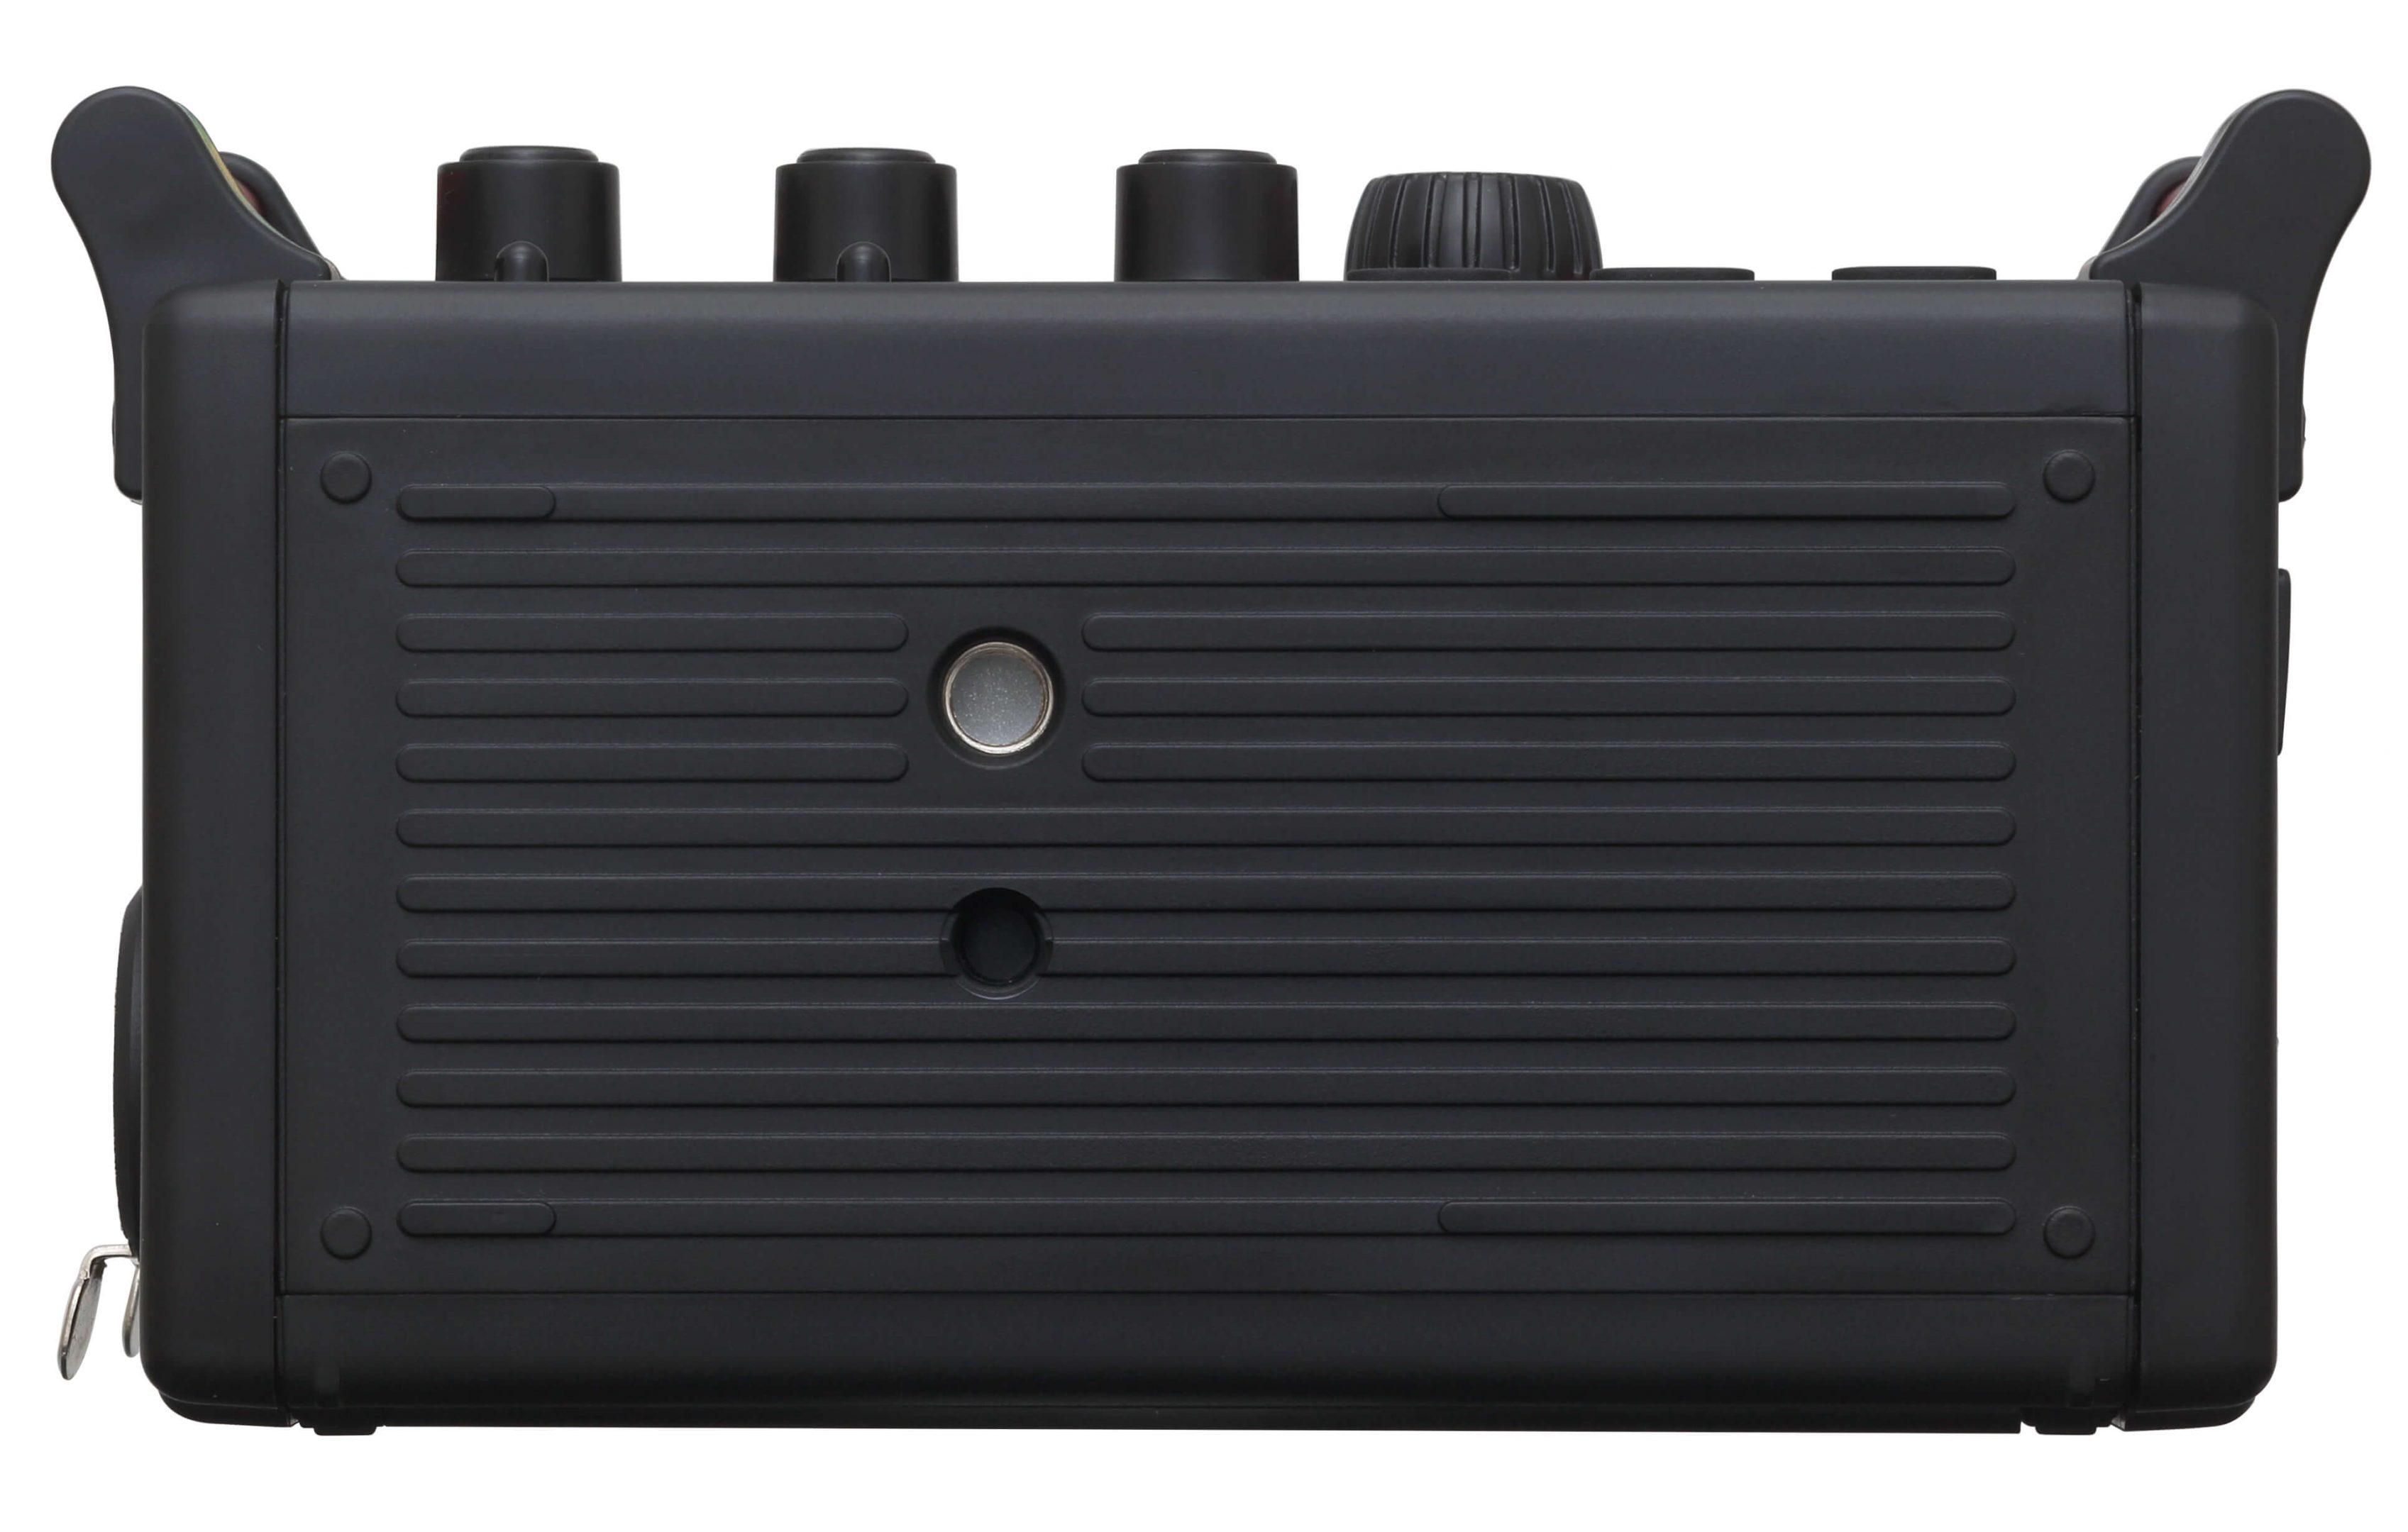 Foto van de onderkant van de Tascam DR-60D mk2 audiorecorder.